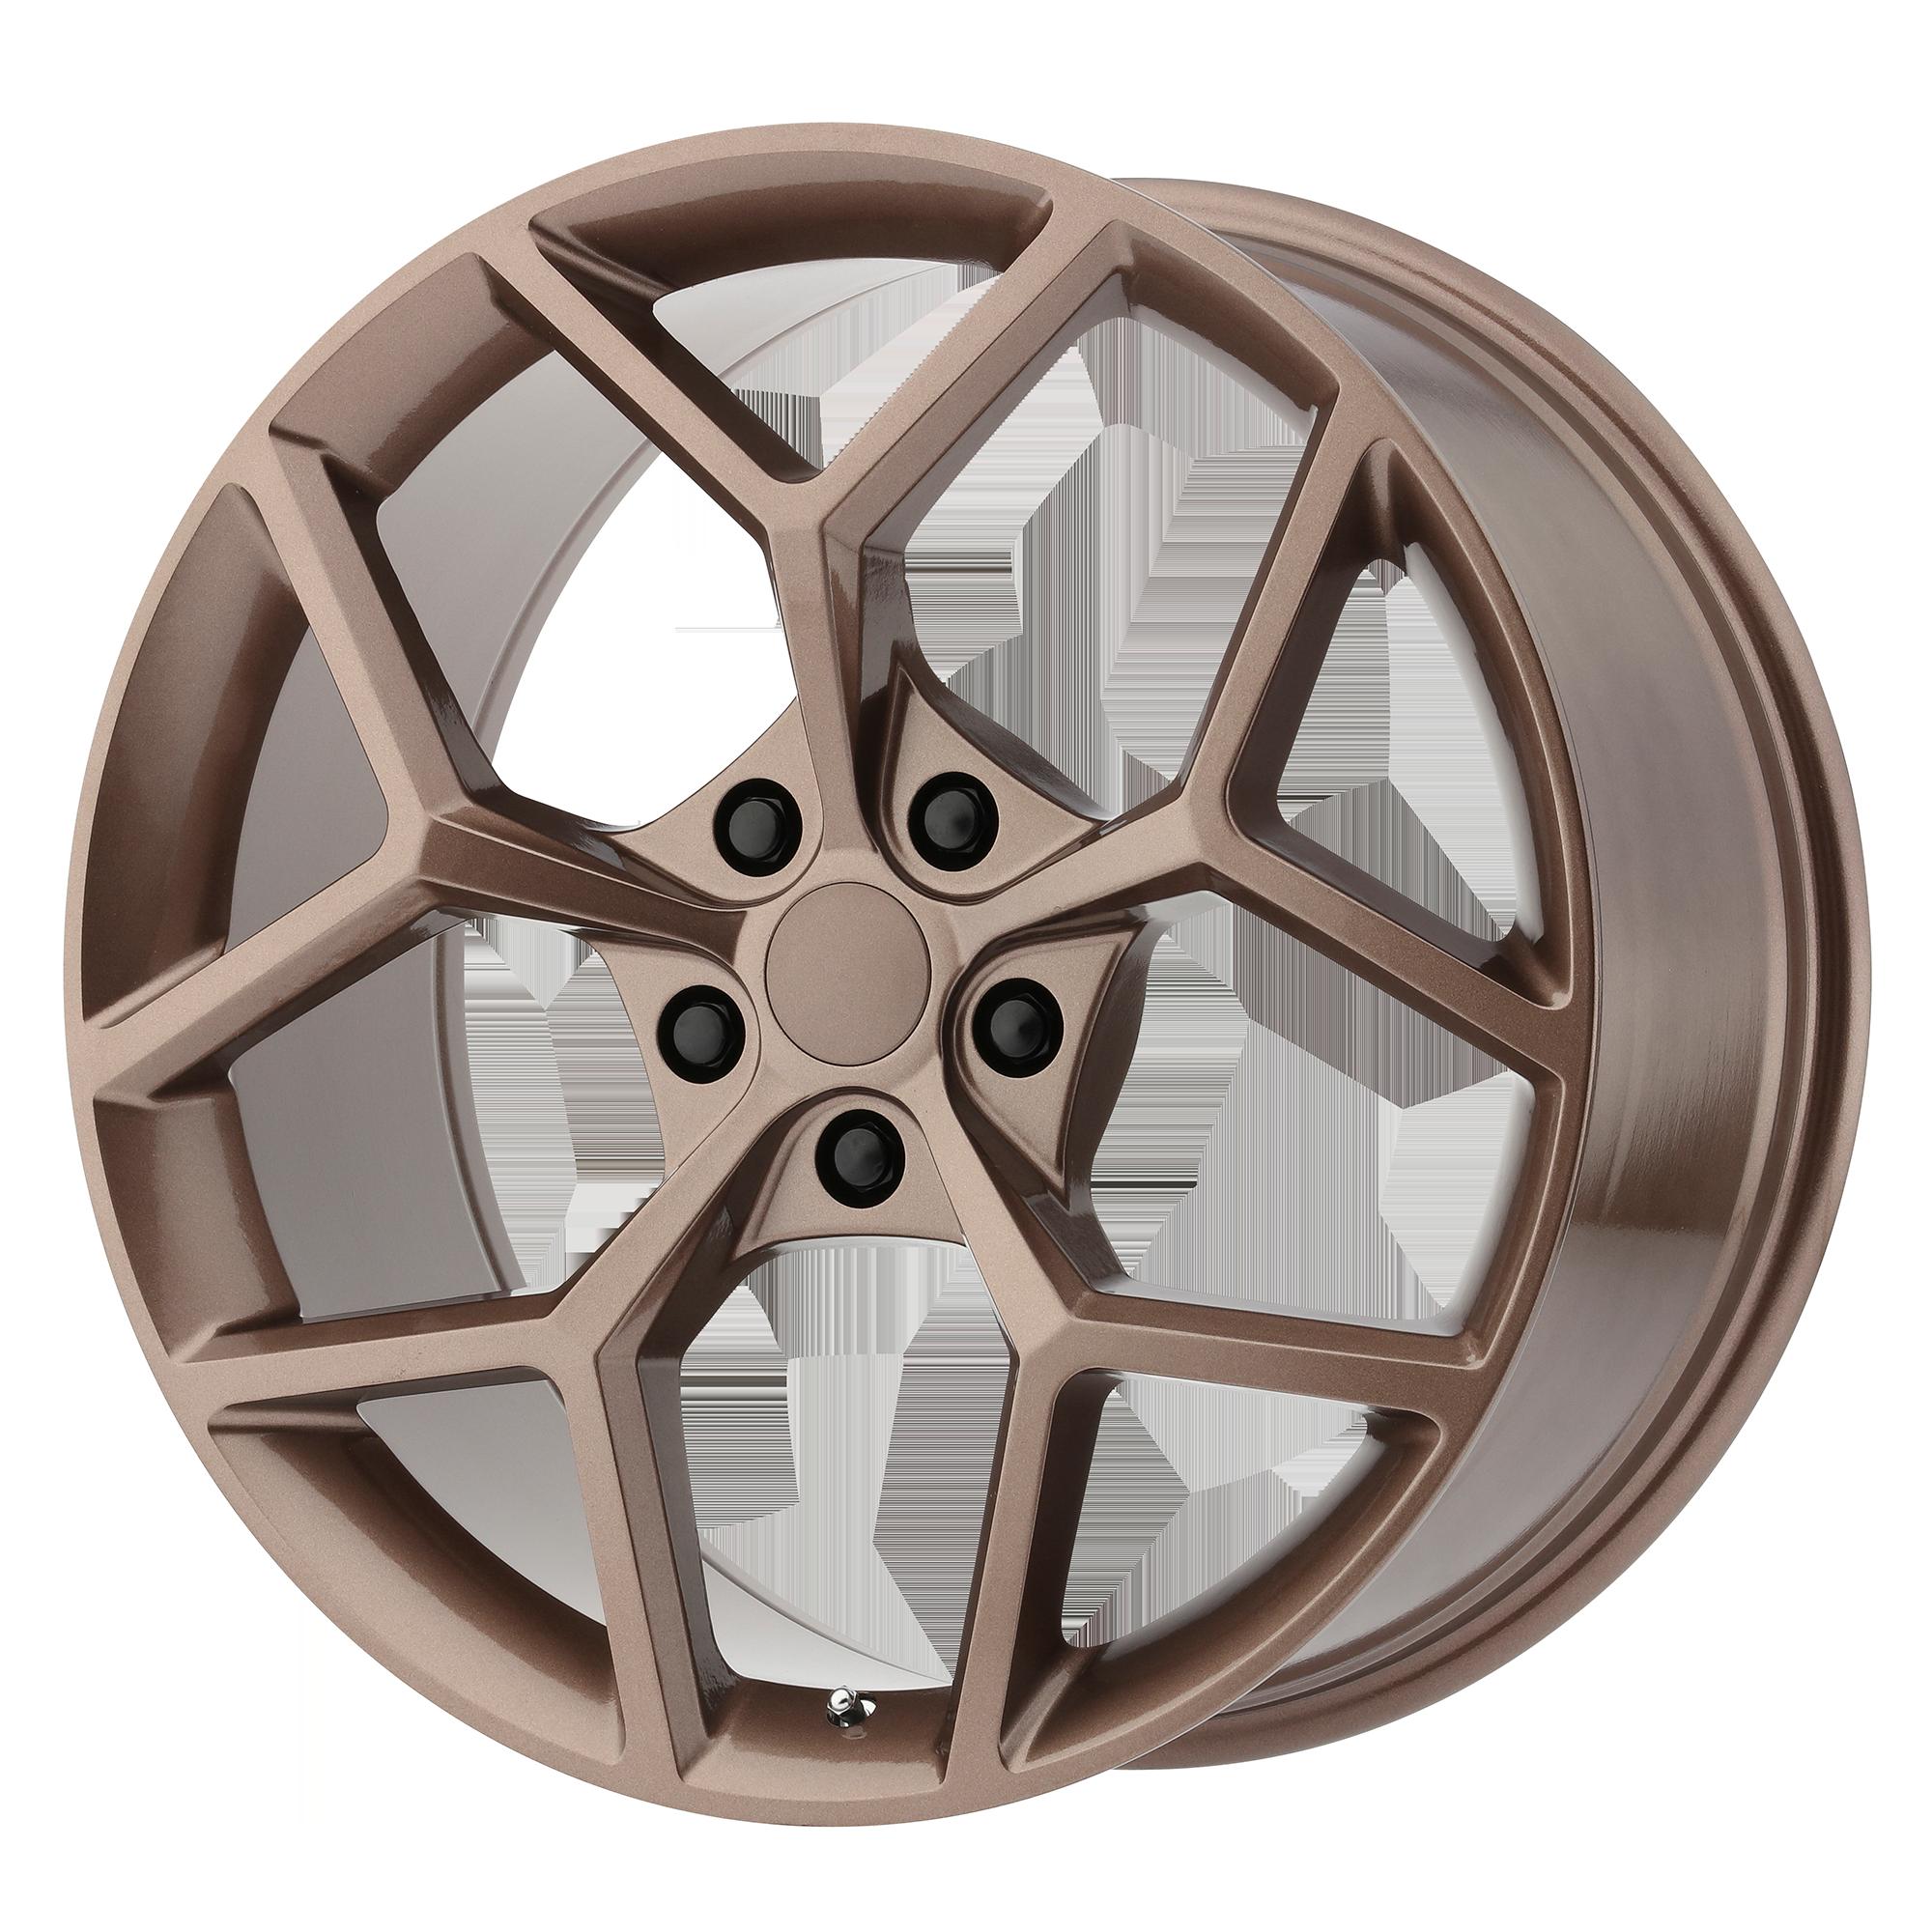 OE Creations Replica Wheels OE Creations PR126 Copper